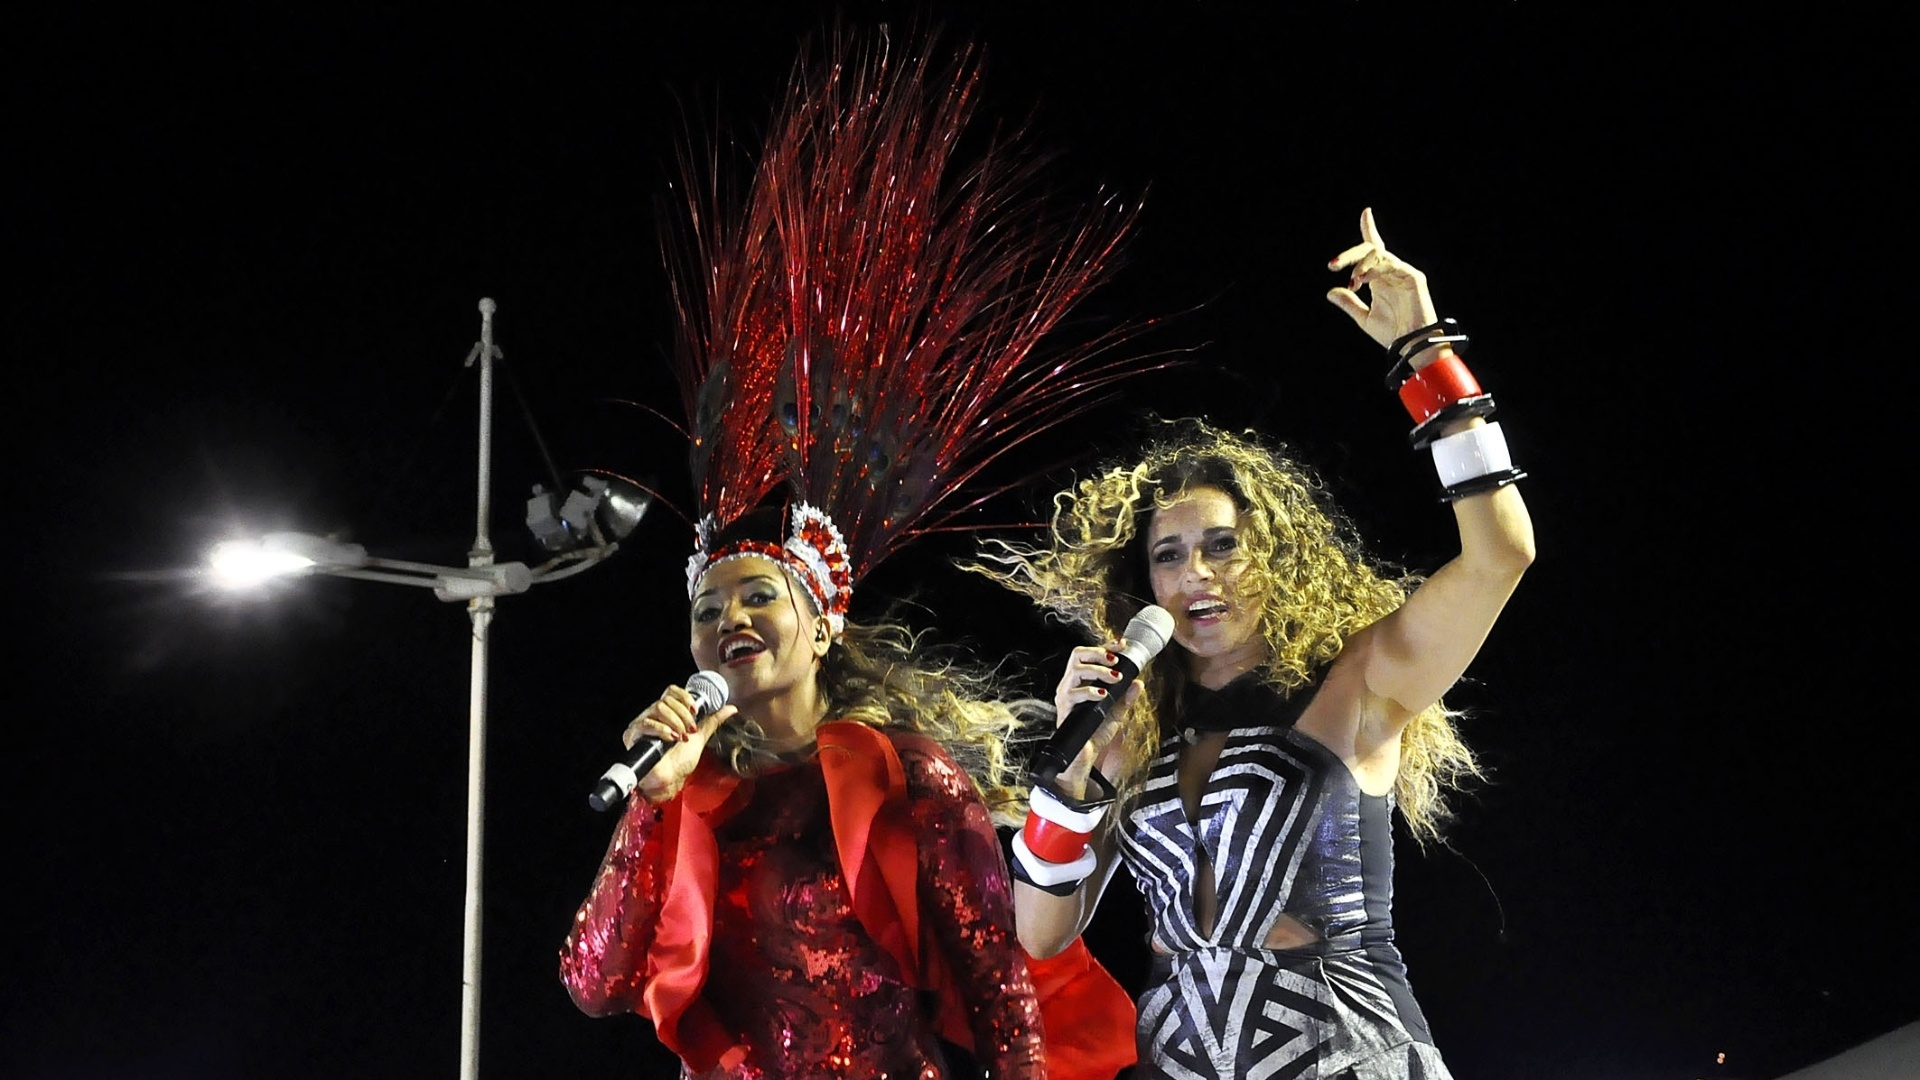 12.fev.2013 - Daniela Mercury e Gaby Amarantos se apresentam no circuito Barra- Ondina durante o Carnaval em Salvador